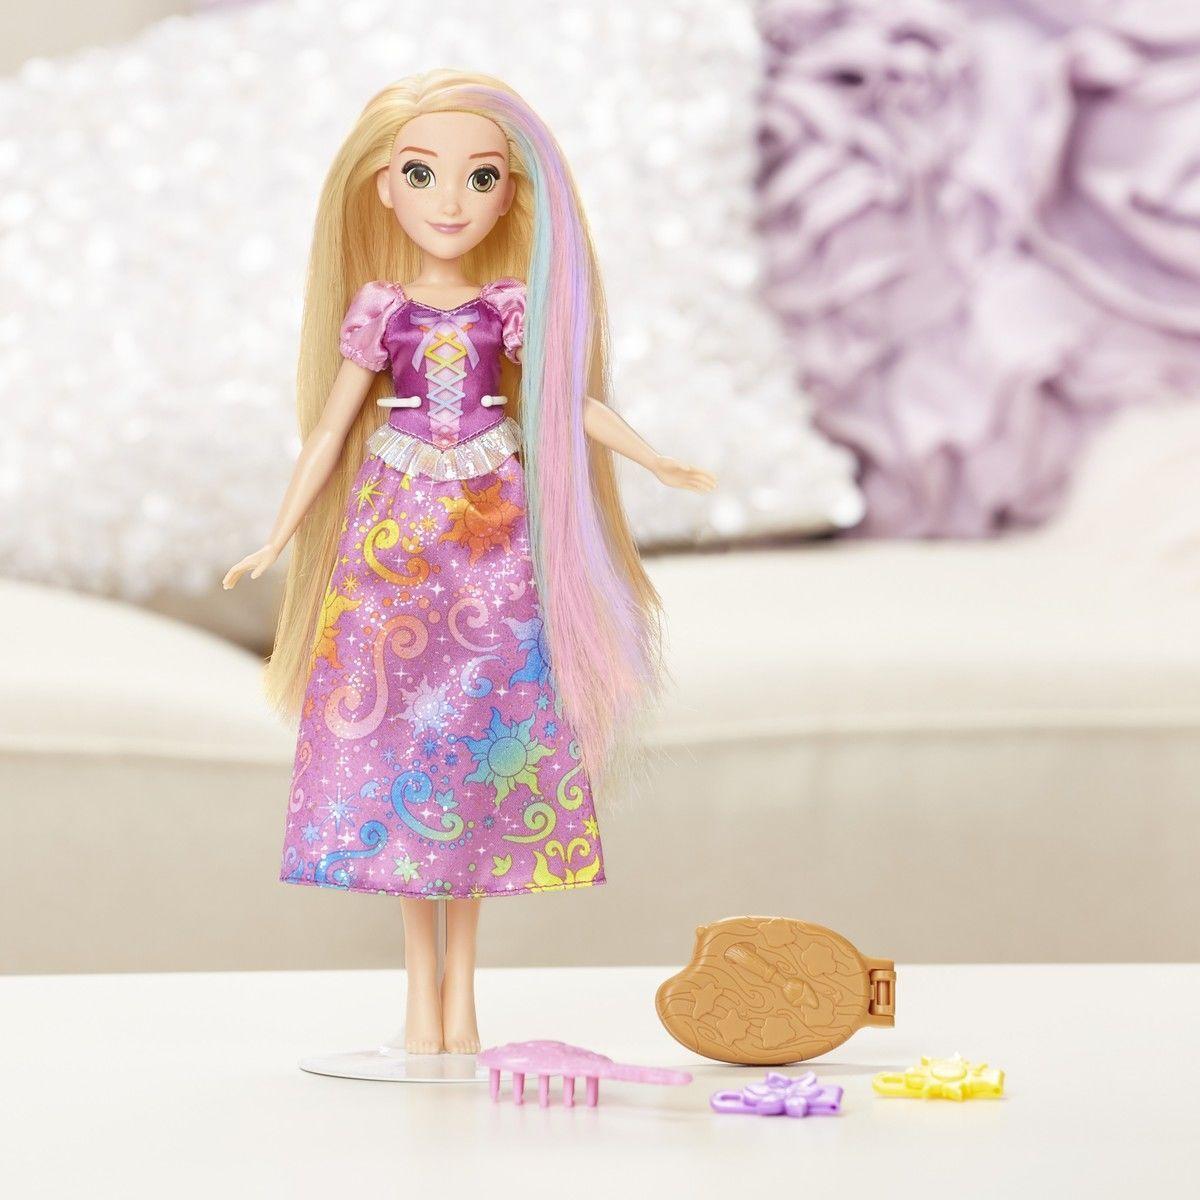 Кукла Рапунцель с Радужными волосами Disney - фото 1